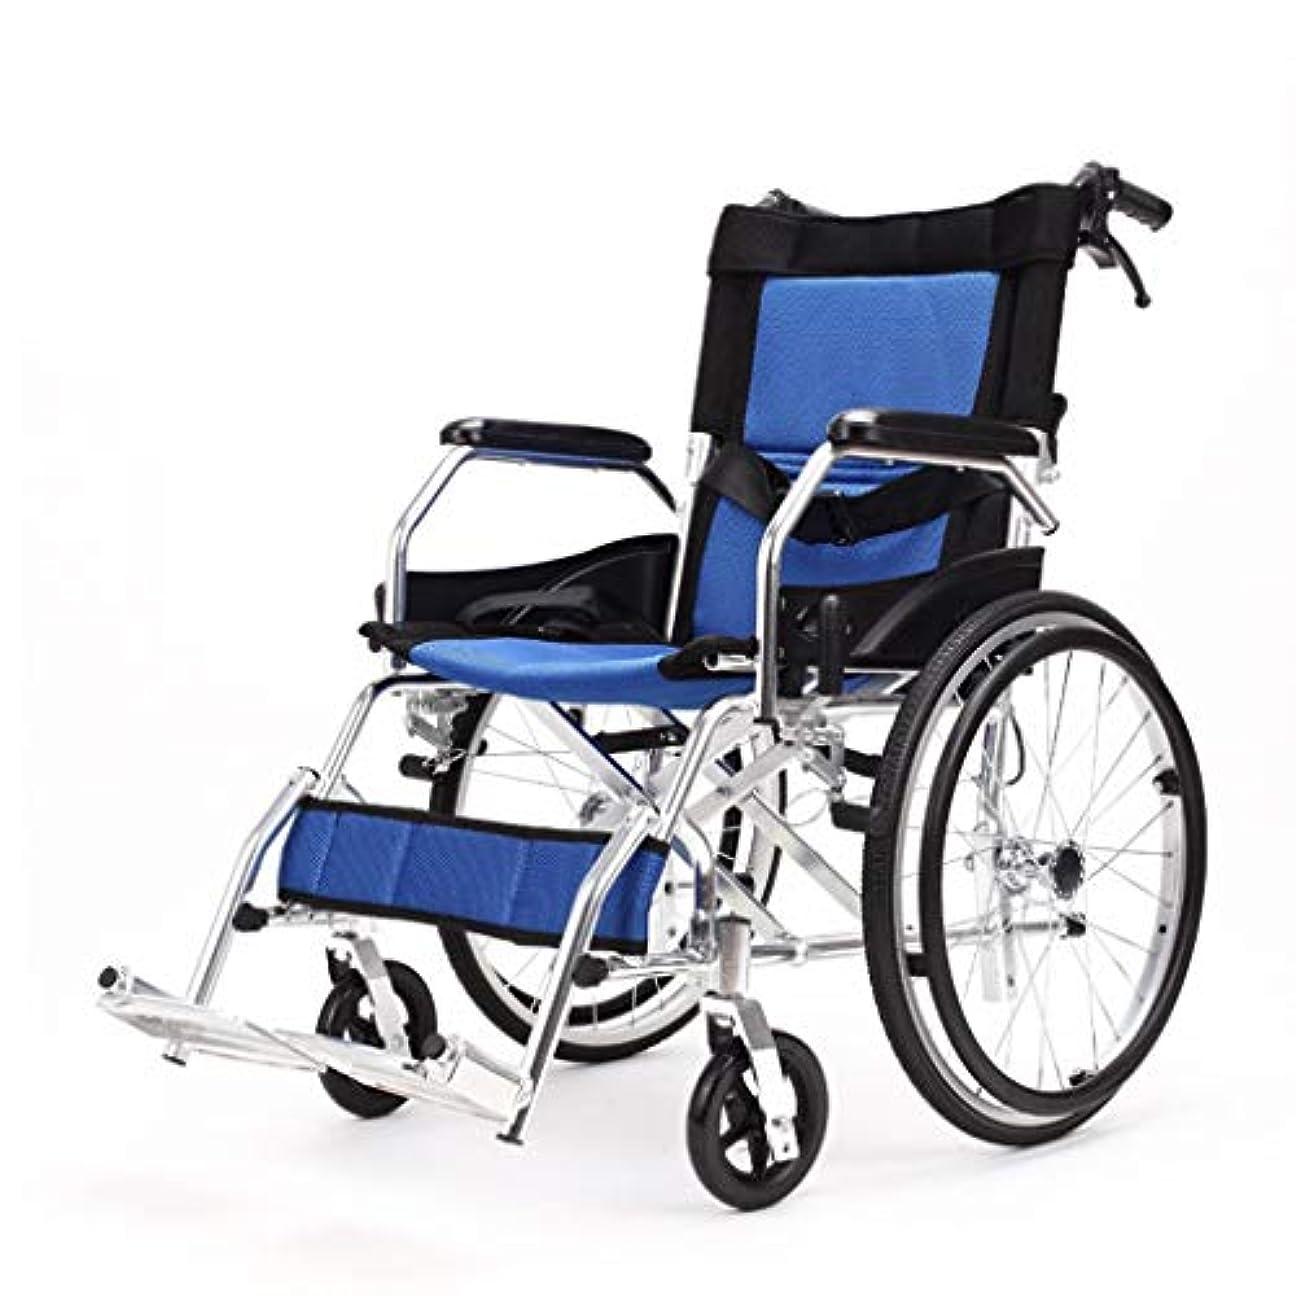 埋めるシンジケート進化手動車椅子折りたたみ式、背もたれ折りたたみ式デザイン通気性シートクッション、フットペダル調節可能車椅子